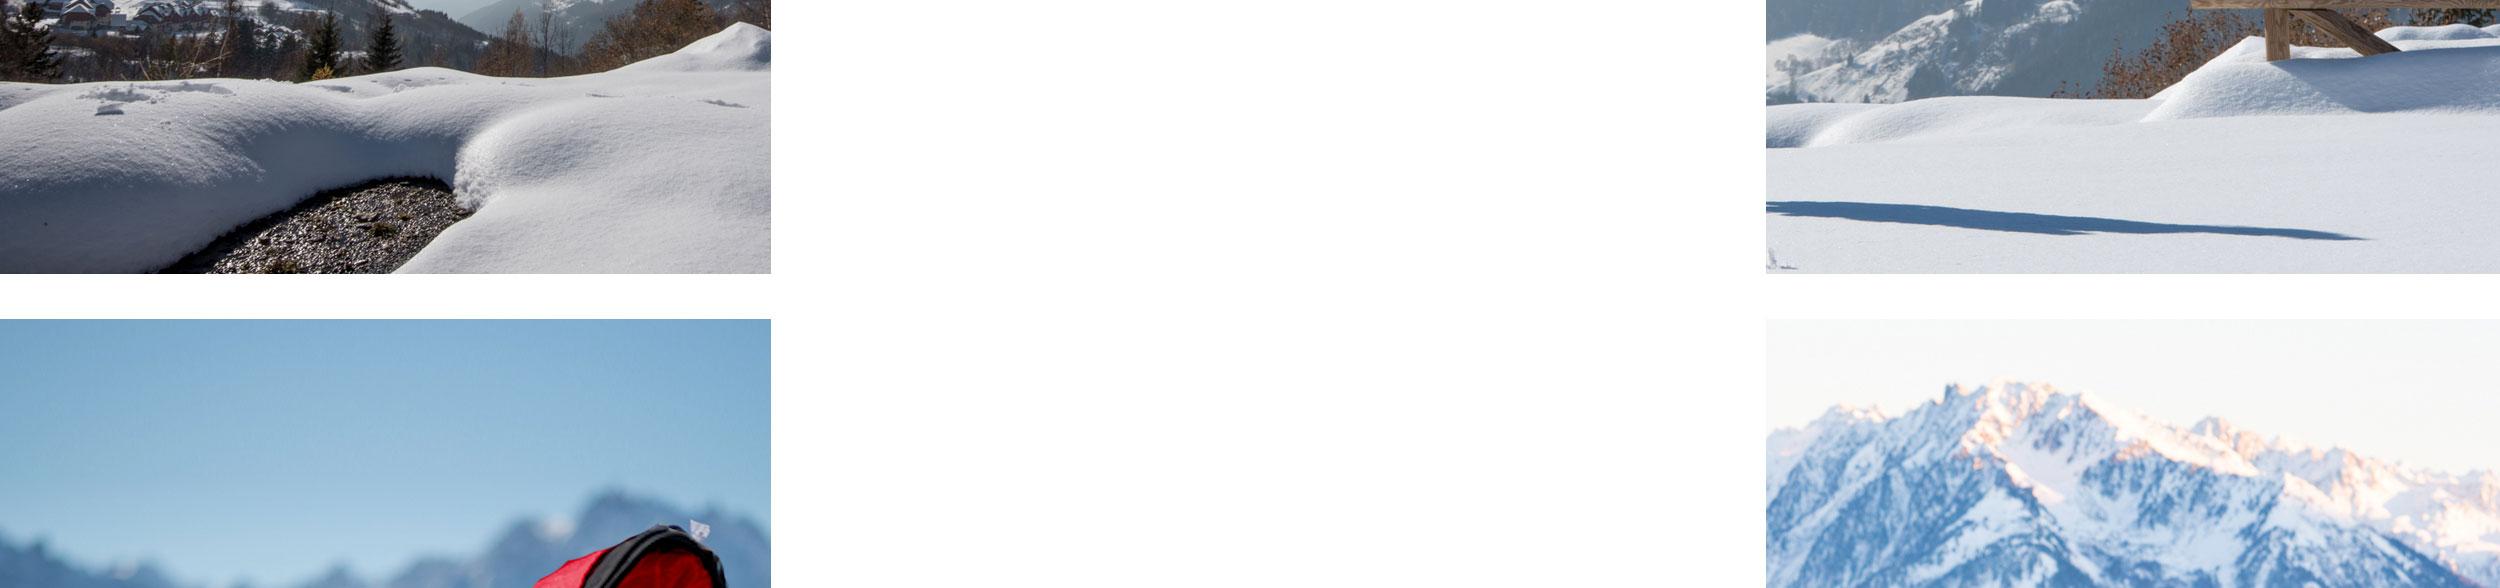 Силденафил: инструкция по применению, отзывы, цена